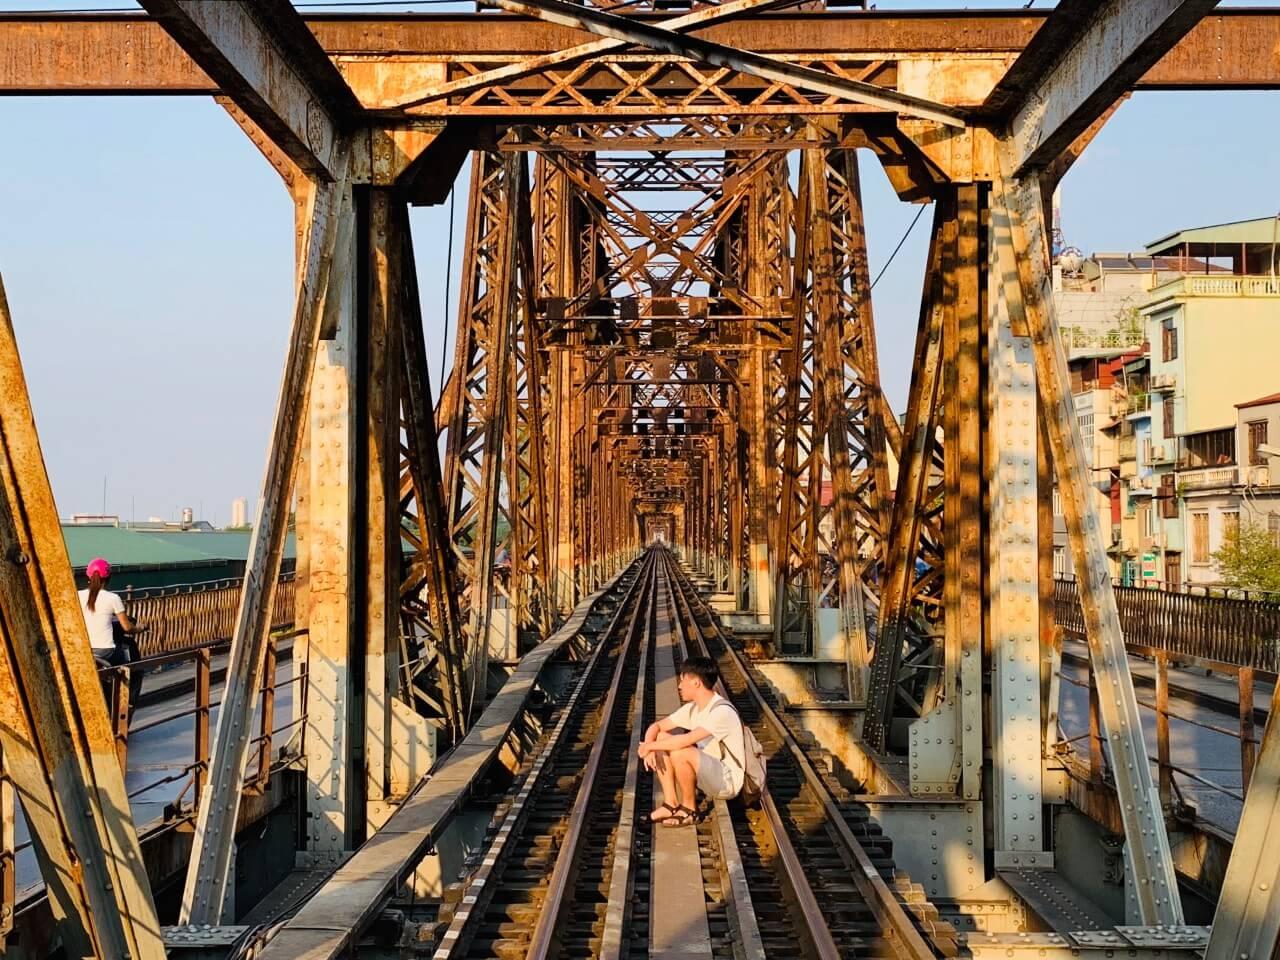 河內景點推薦 Long Bien Railway